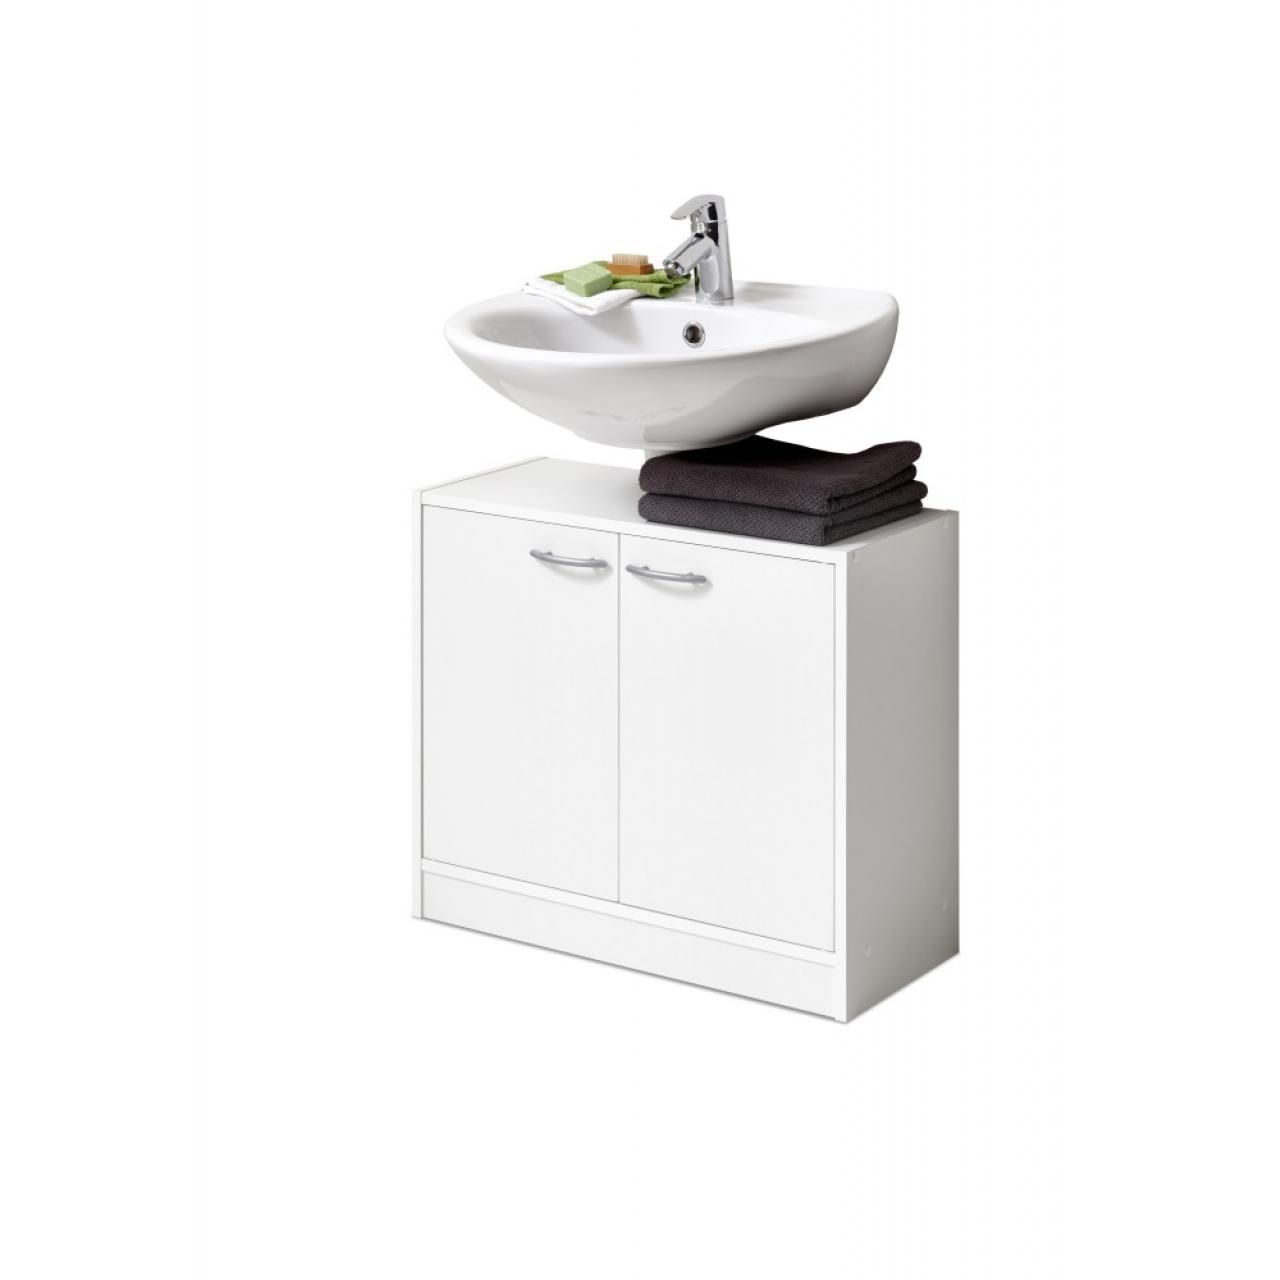 Waschbeckenunterschrank Marbella Weiss